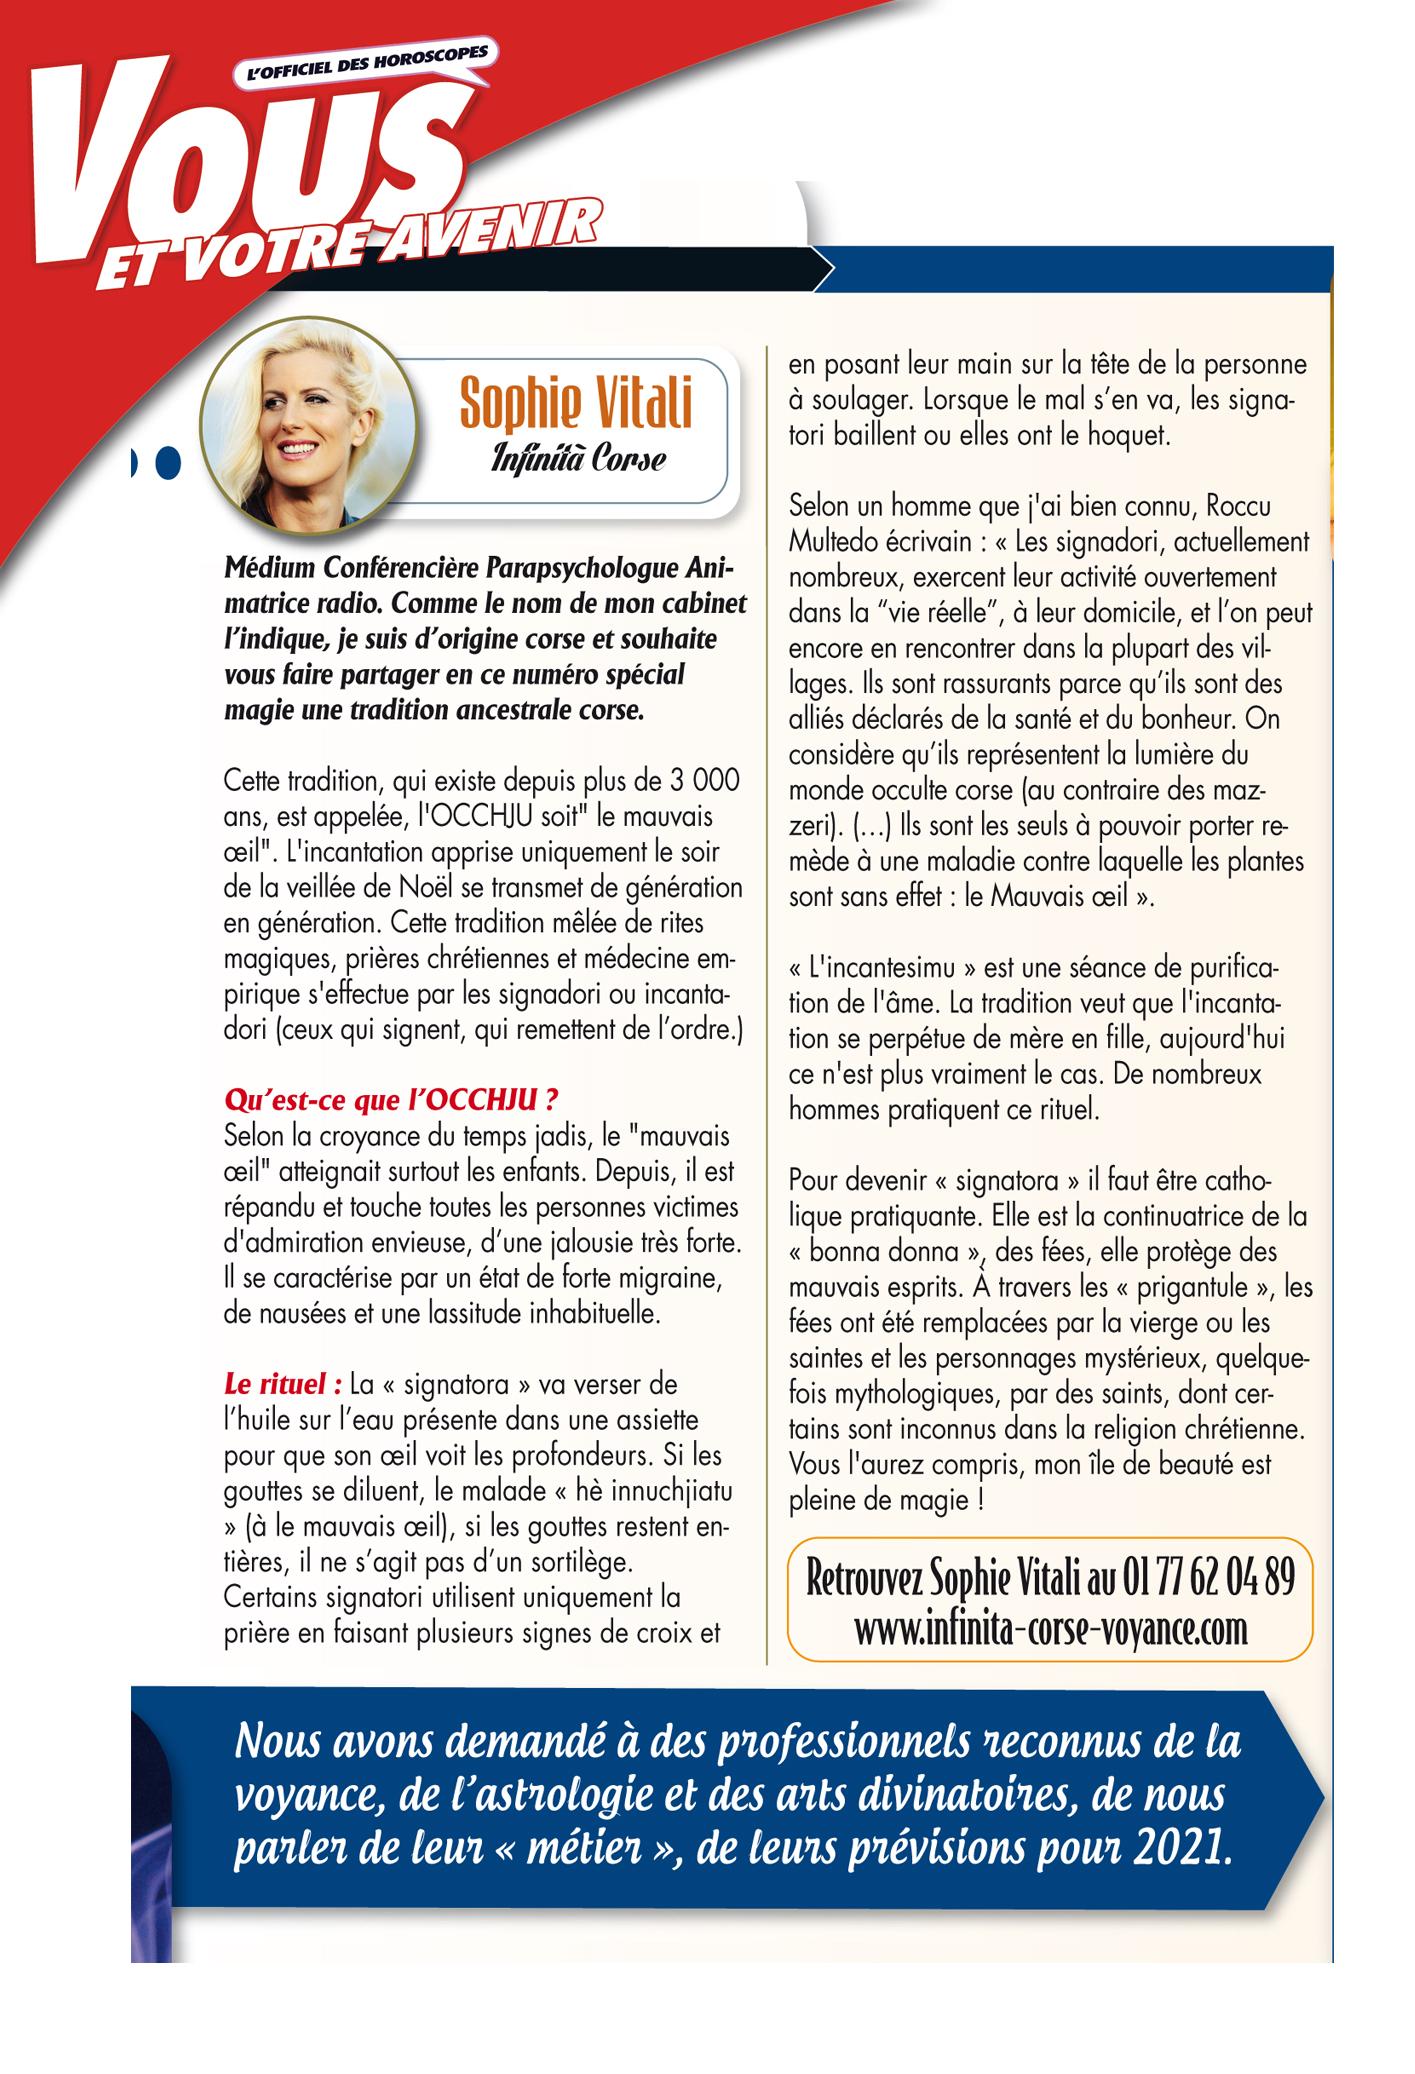 Sophie Vitali parapsychologue pour le magazine Vous et votre avenir spécial magie mars 2021